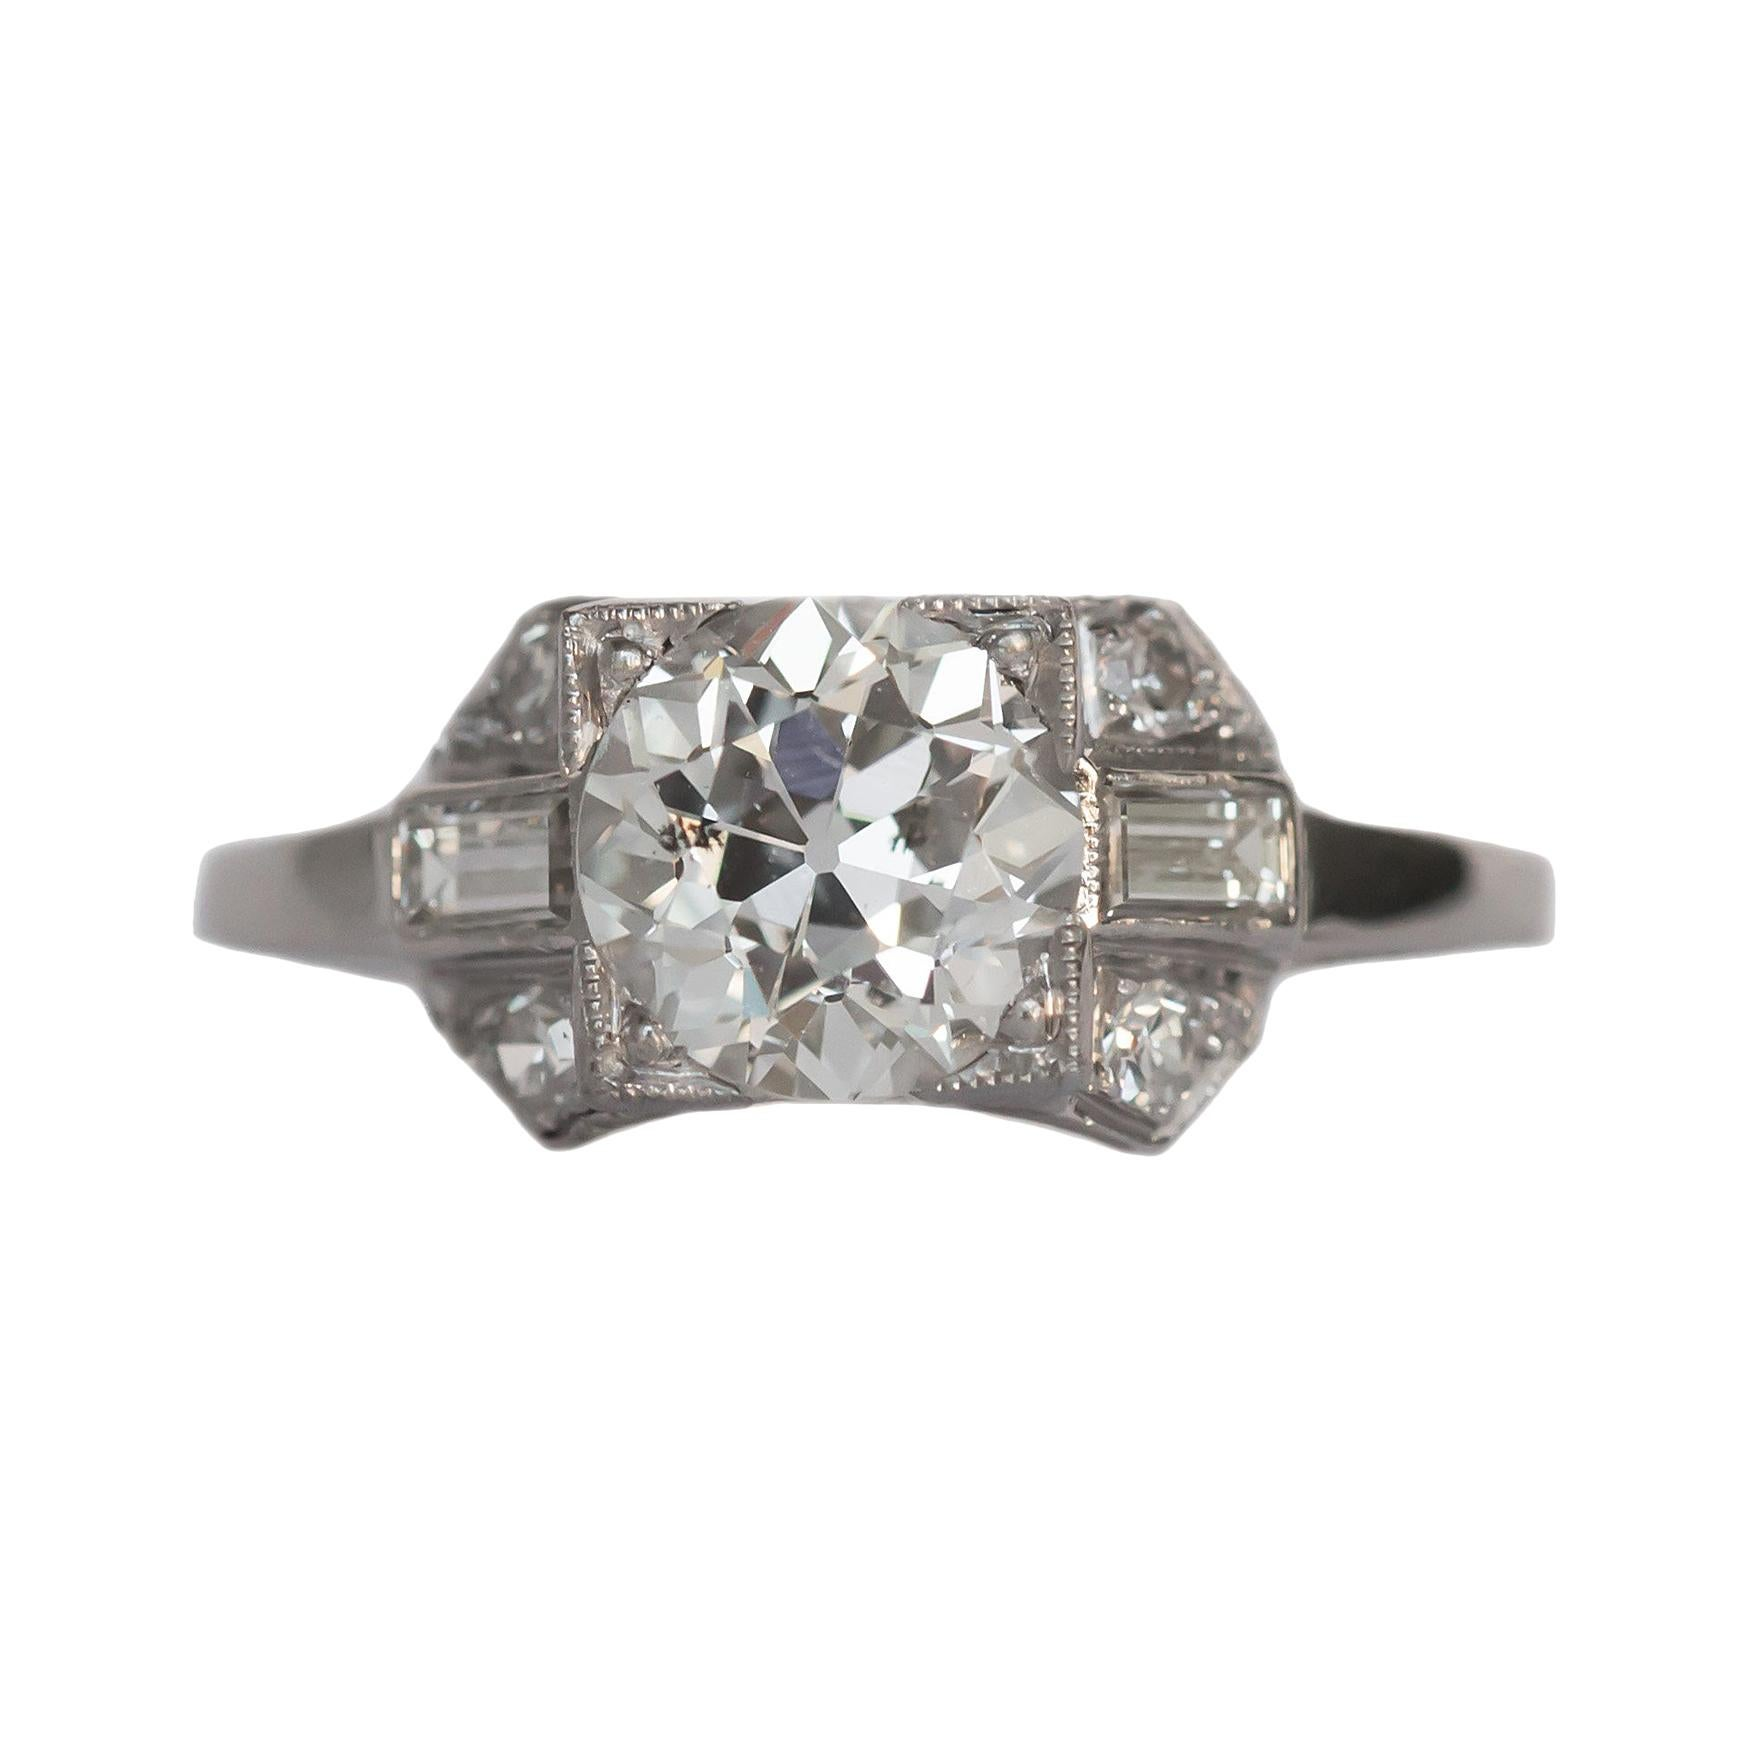 GIA Certified 1.57 Carat Diamond Platinum Engagement Ring